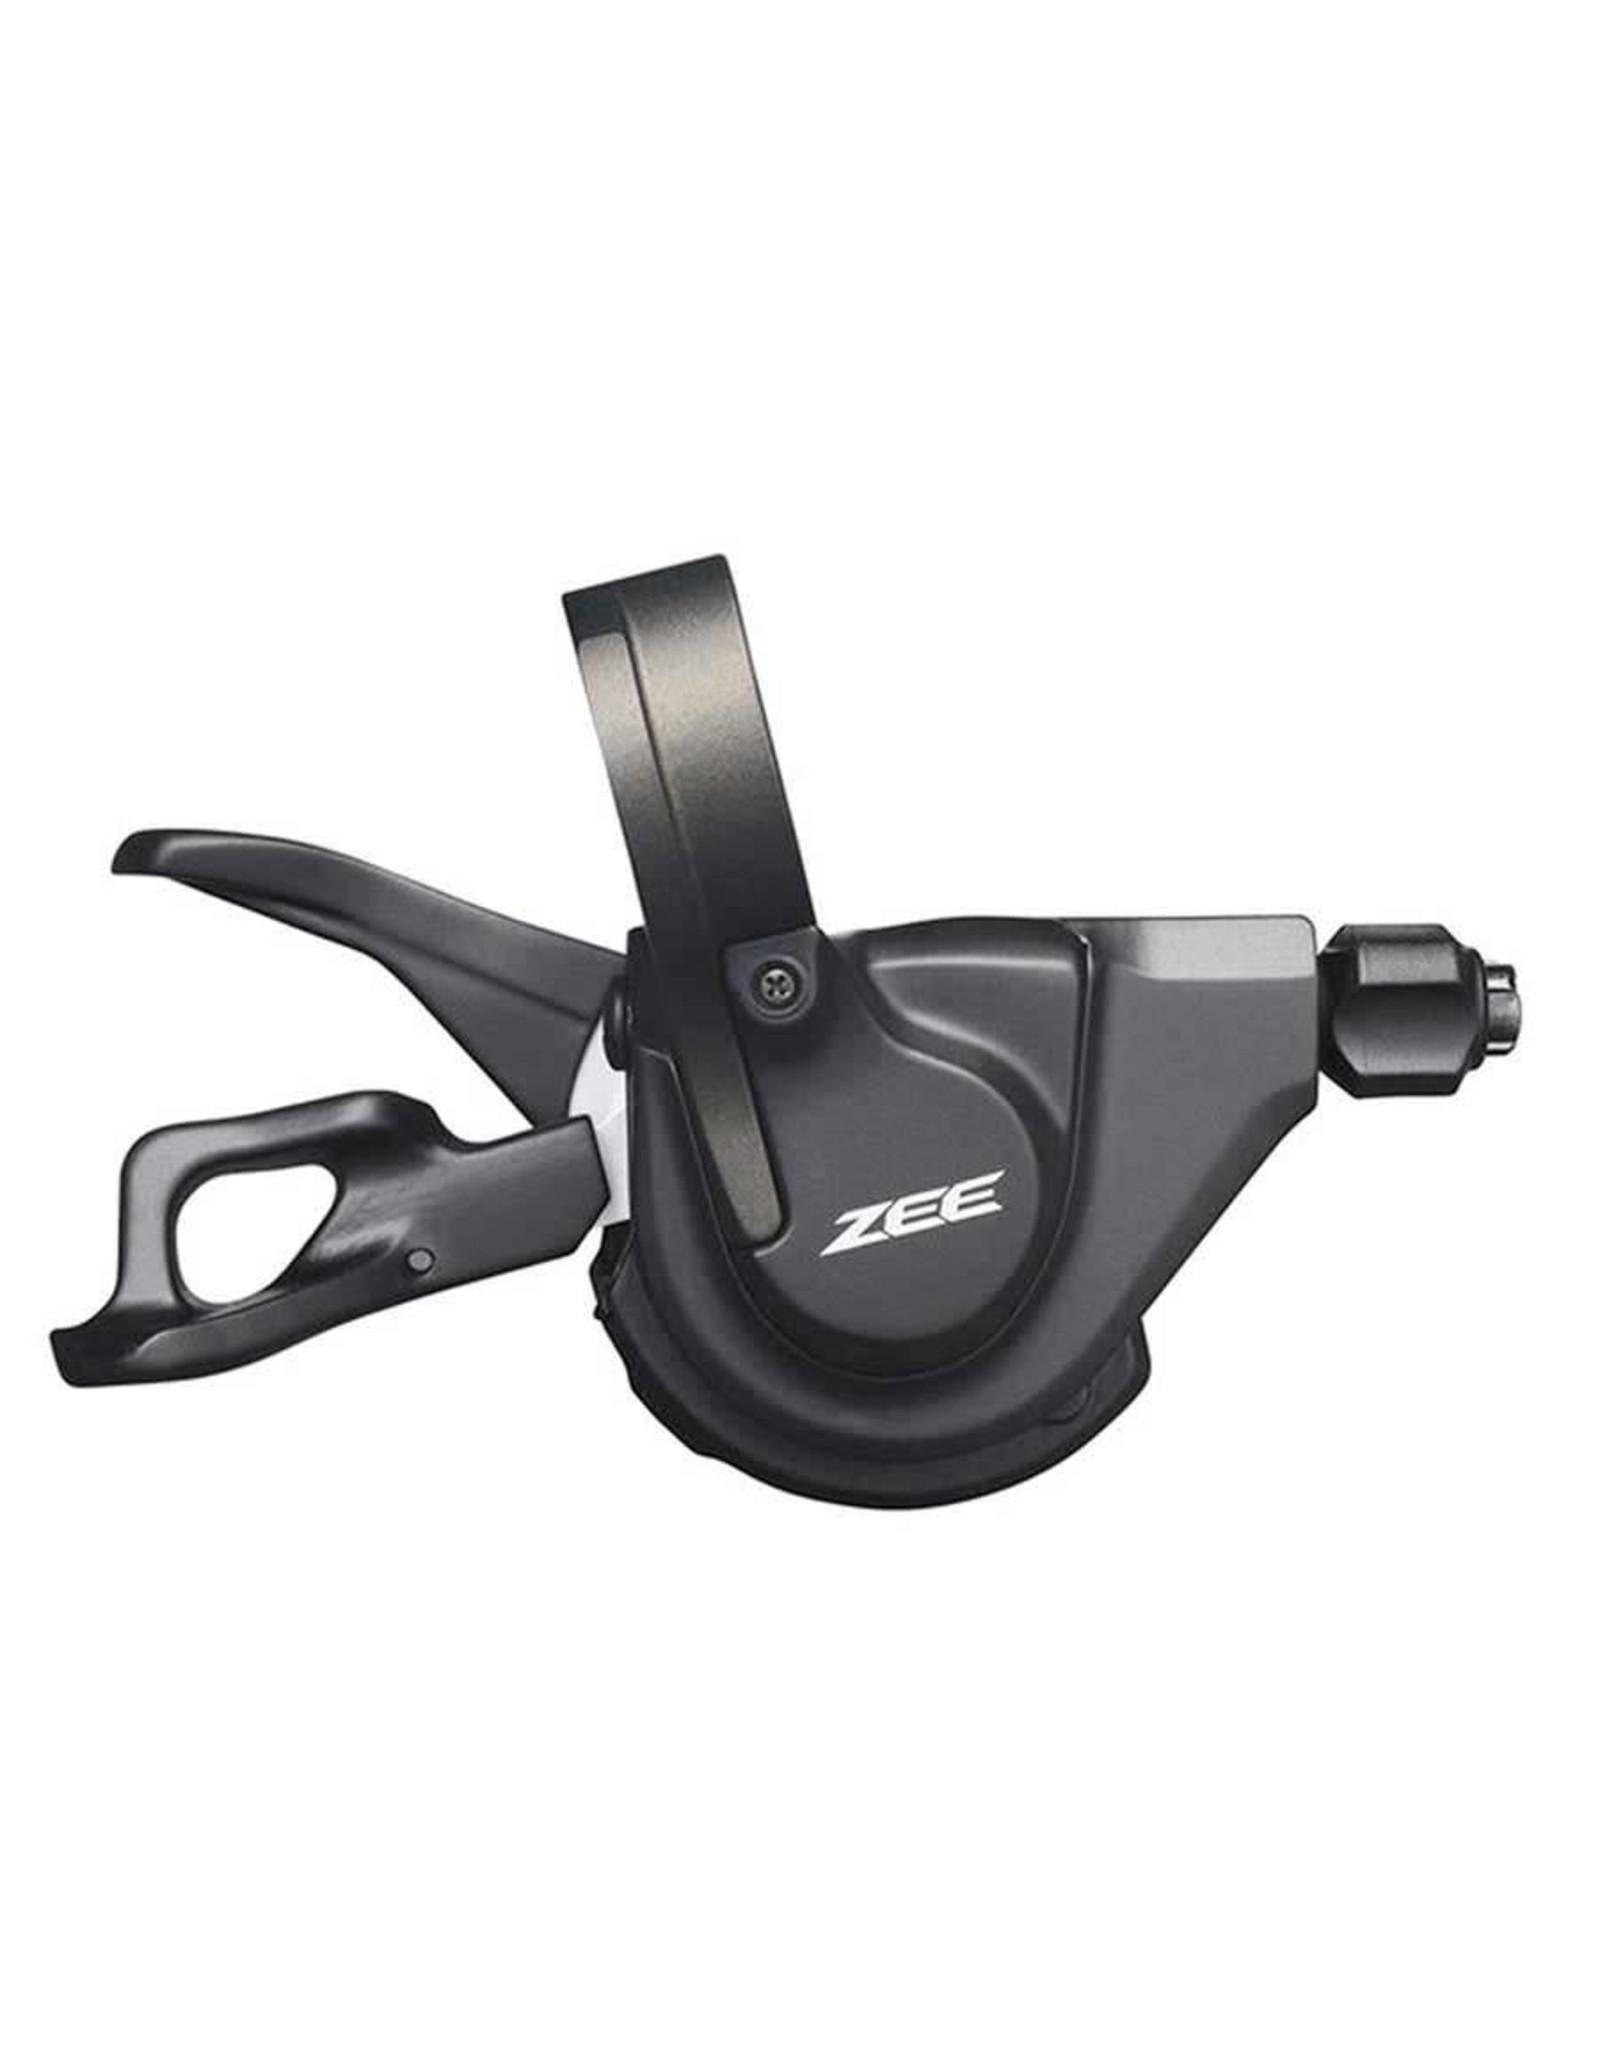 Shimano Shimano Zee Shifter SL-M640 10vit